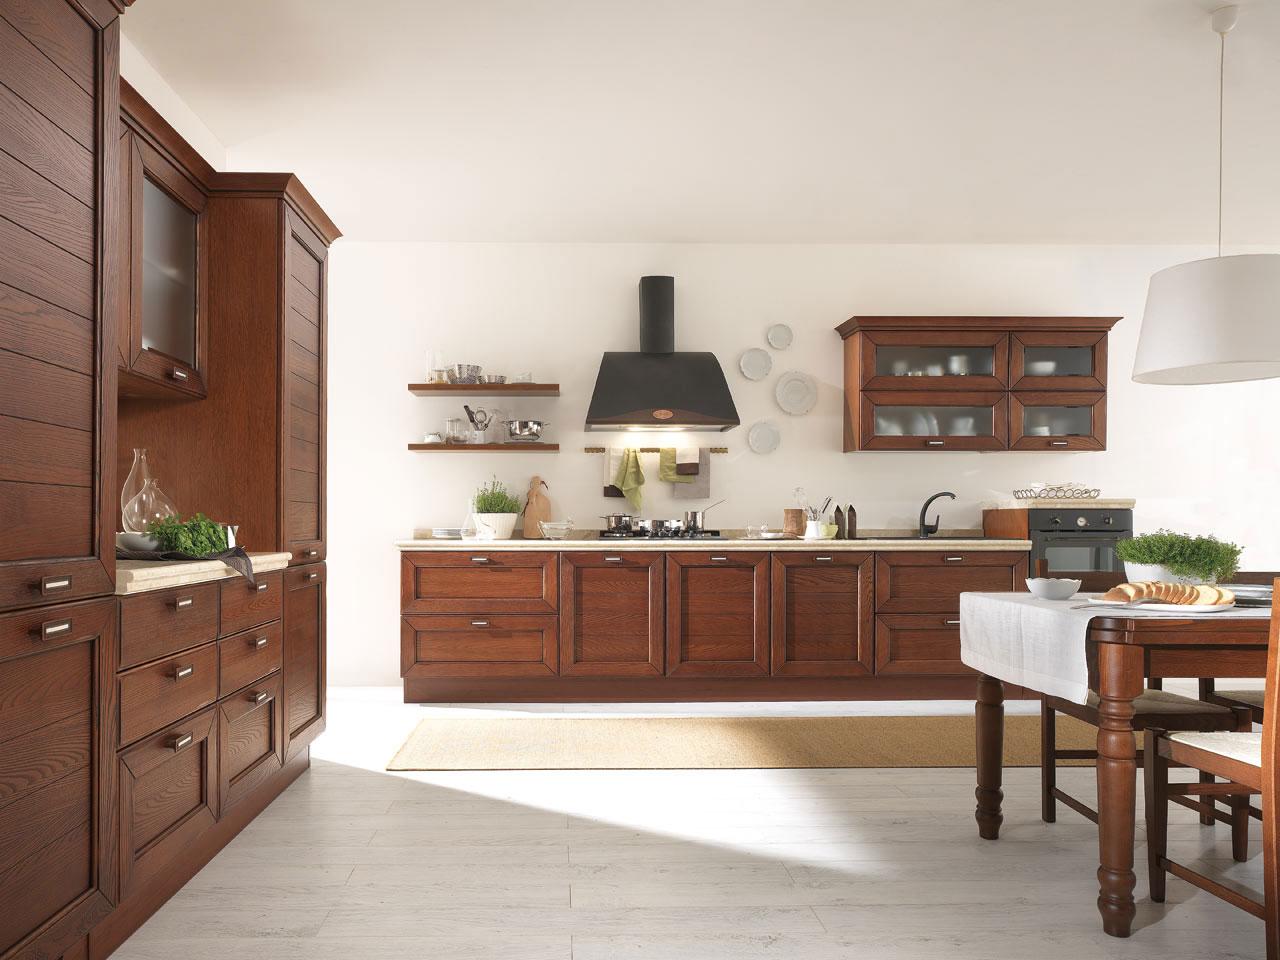 Cucine Lube Swing : Cucine classiche lube modello claudia perego arredamenti